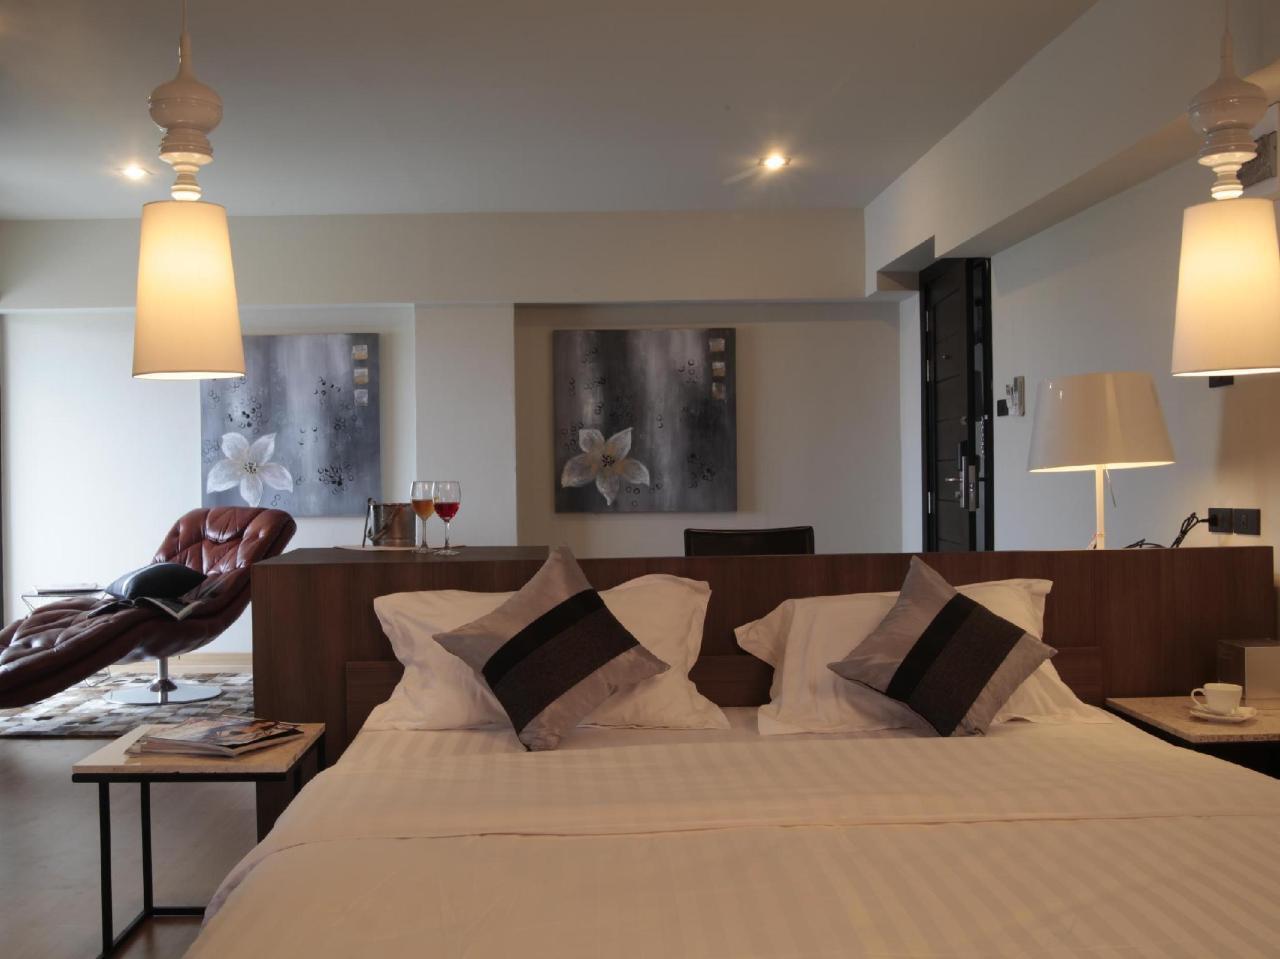 โรงแรมไดอารี่ สวีท (Diary Suite Hotel)